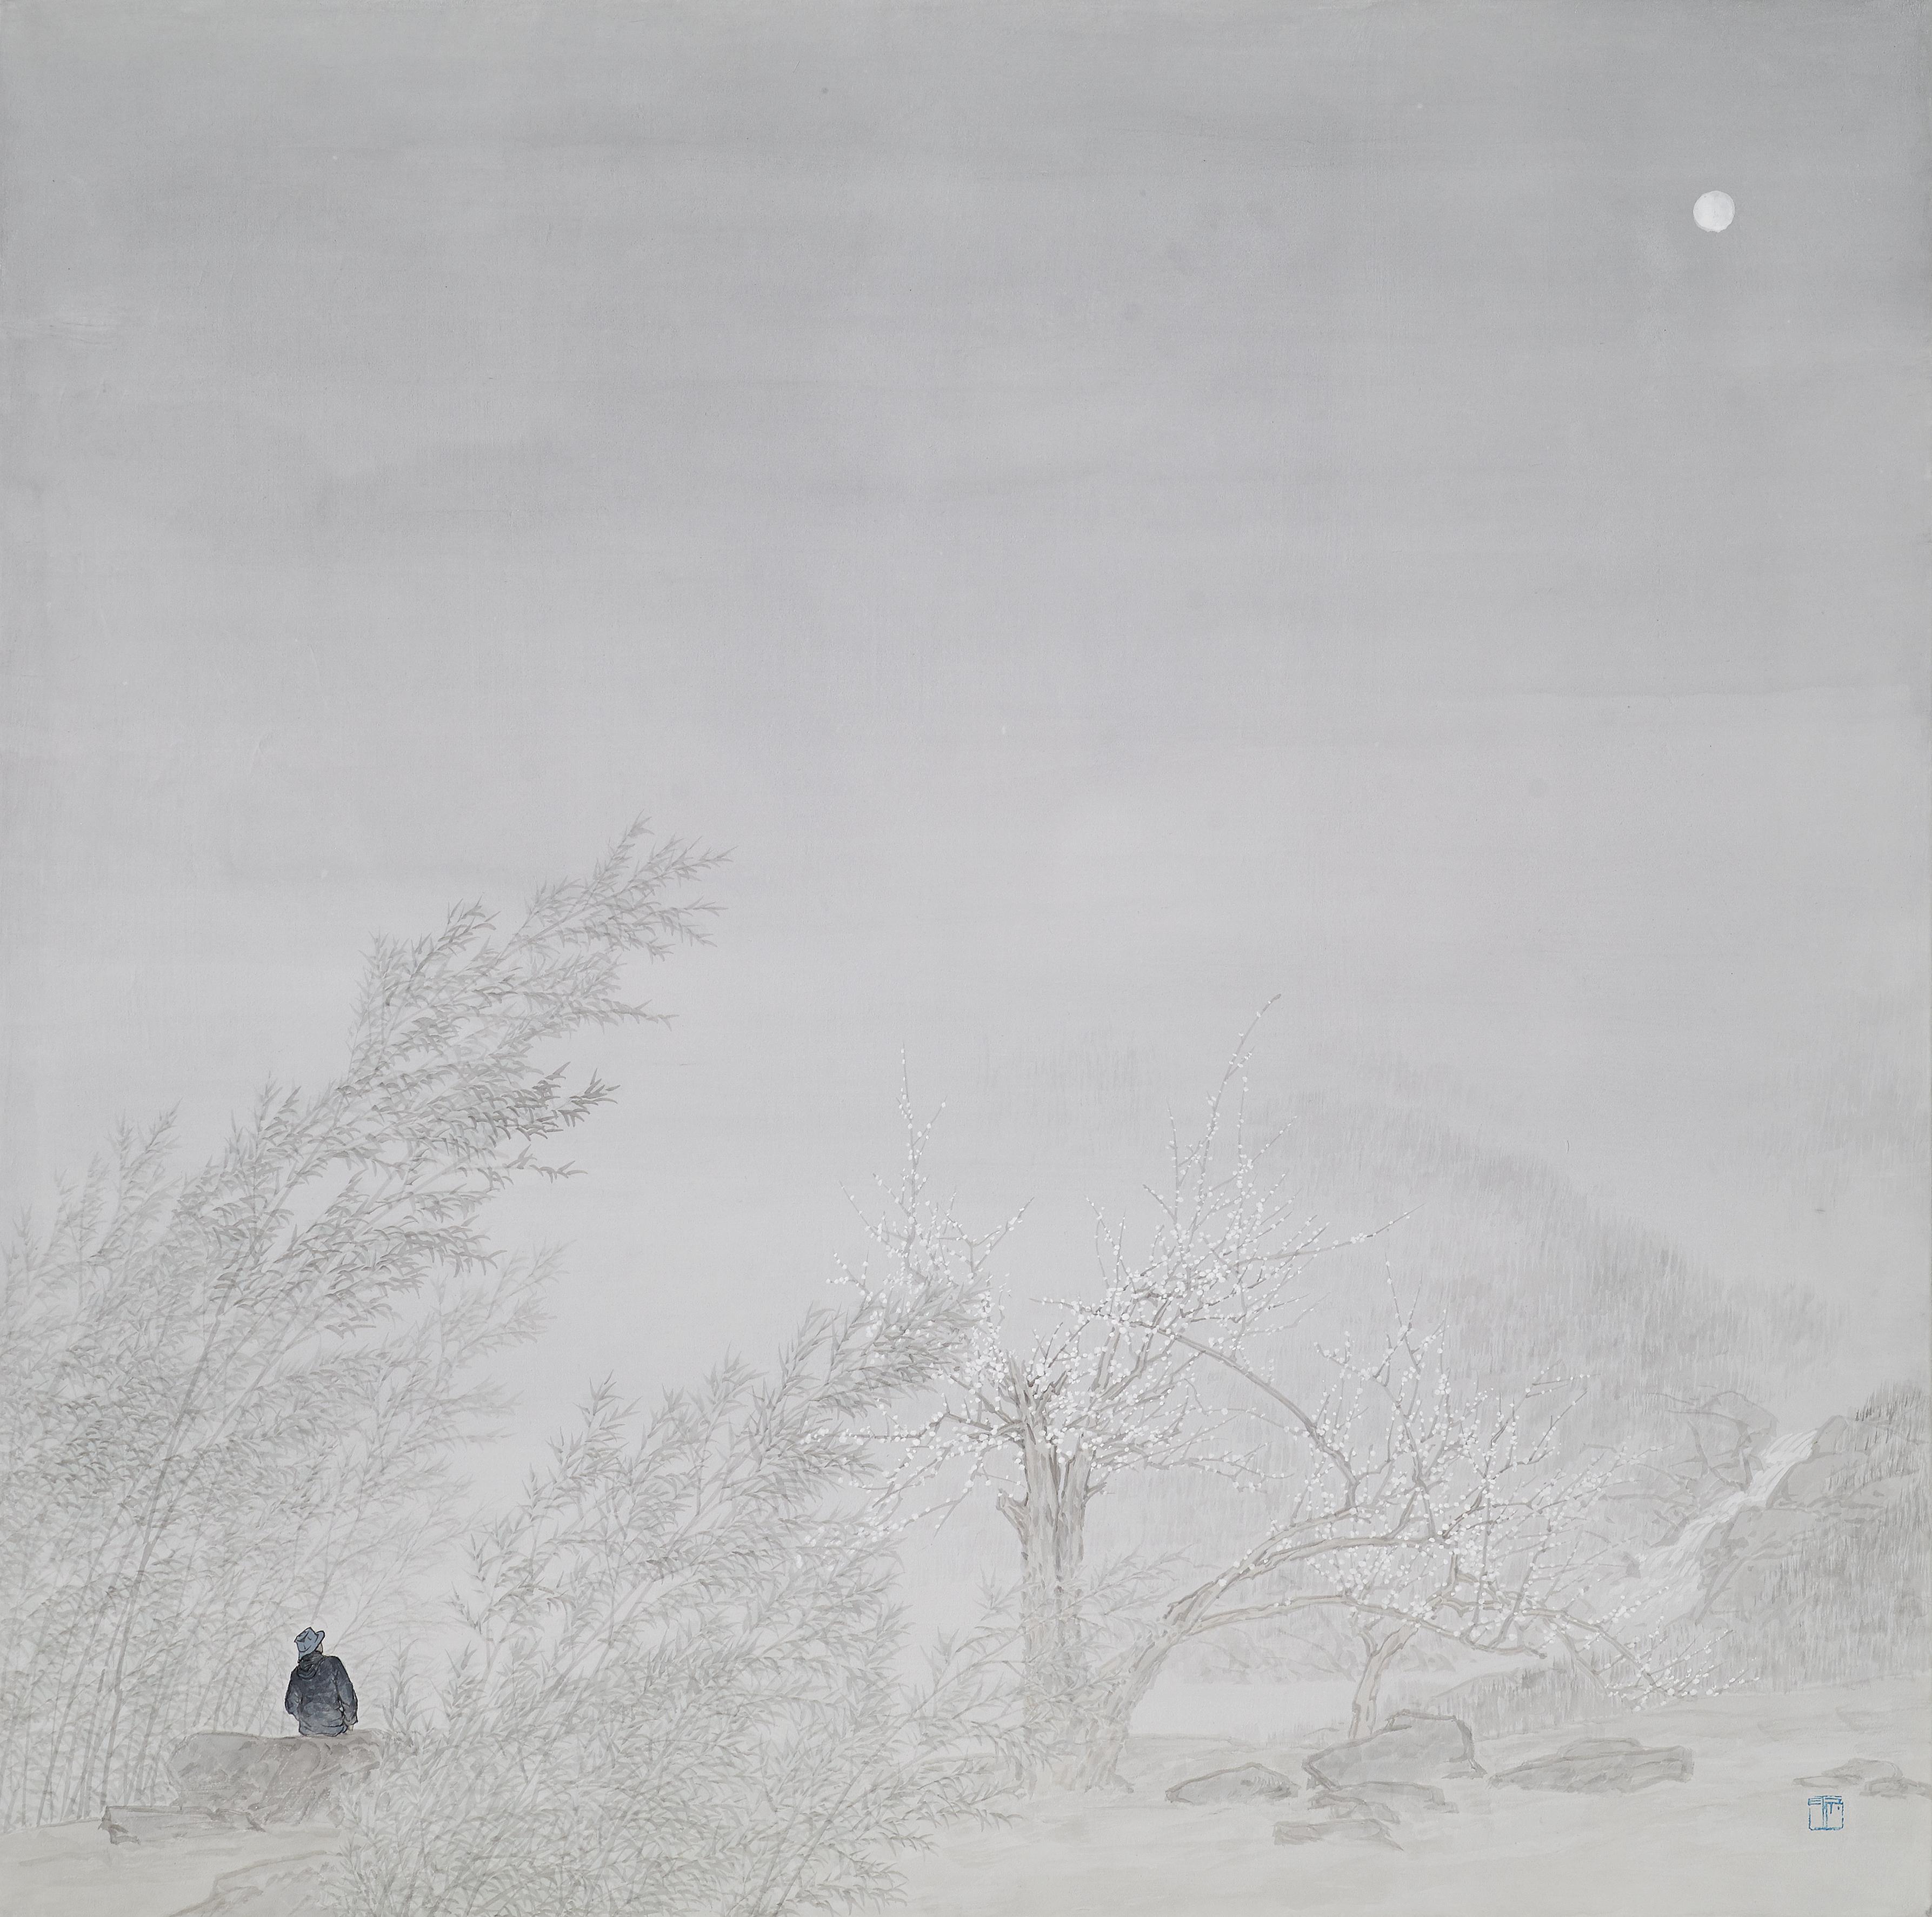 임태규 흐린 풍경-月下探梅 80X80 한지 위에 백토 수묵담채 2017(